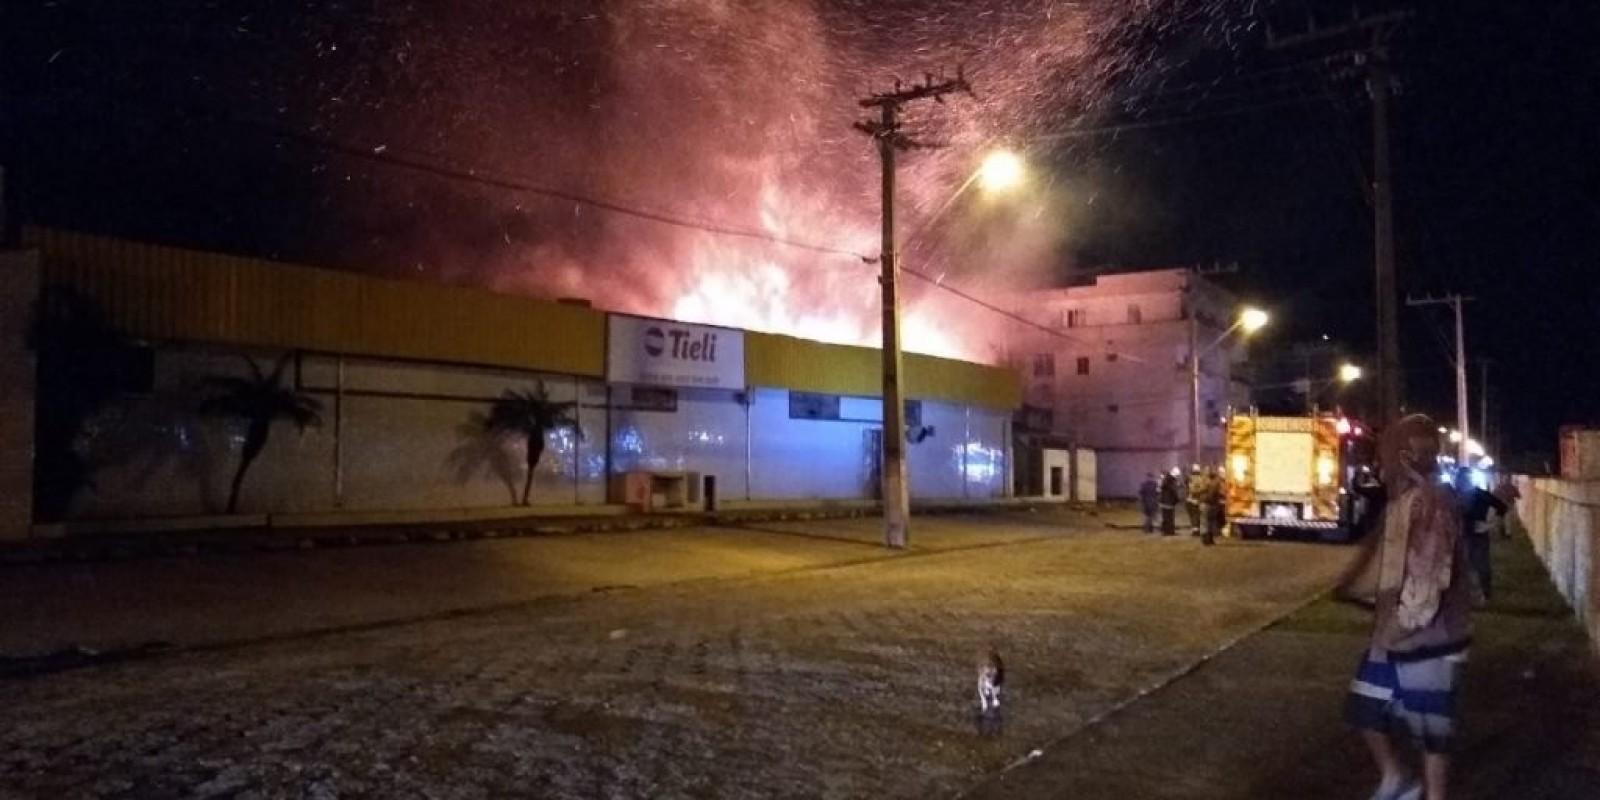 Incêndio atinge depósito do Tieli Supermercados em Laguna